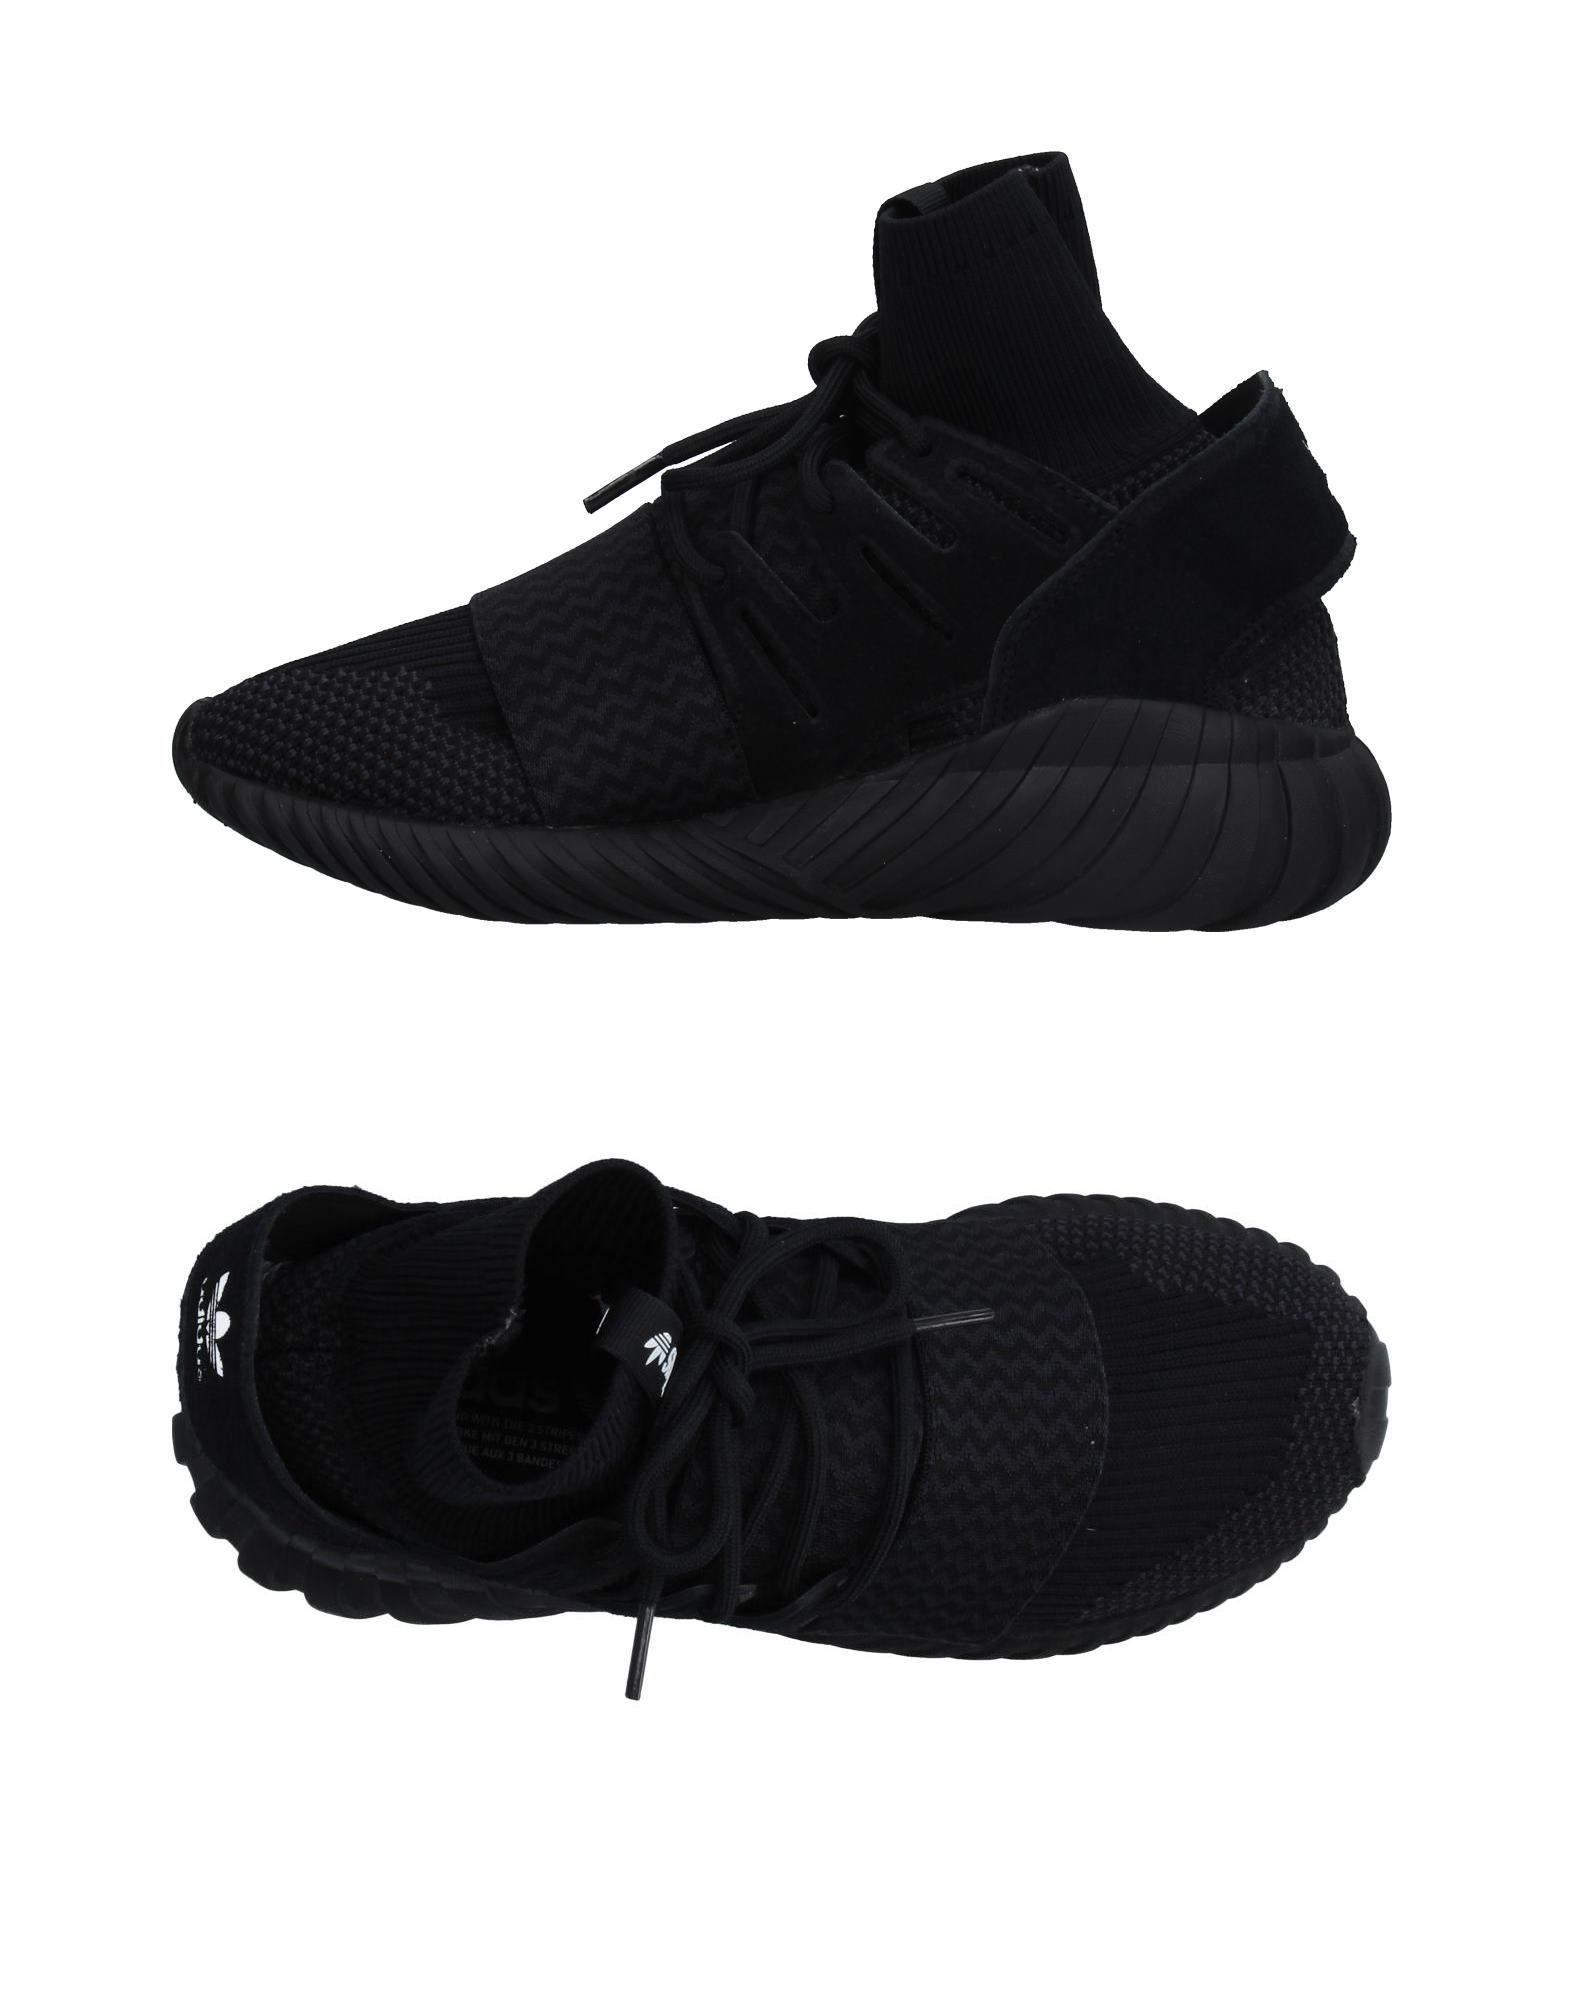 《送料無料》ADIDAS ORIGINALS メンズ スニーカー&テニスシューズ(ハイカット) ブラック 6.5 紡績繊維 / 革